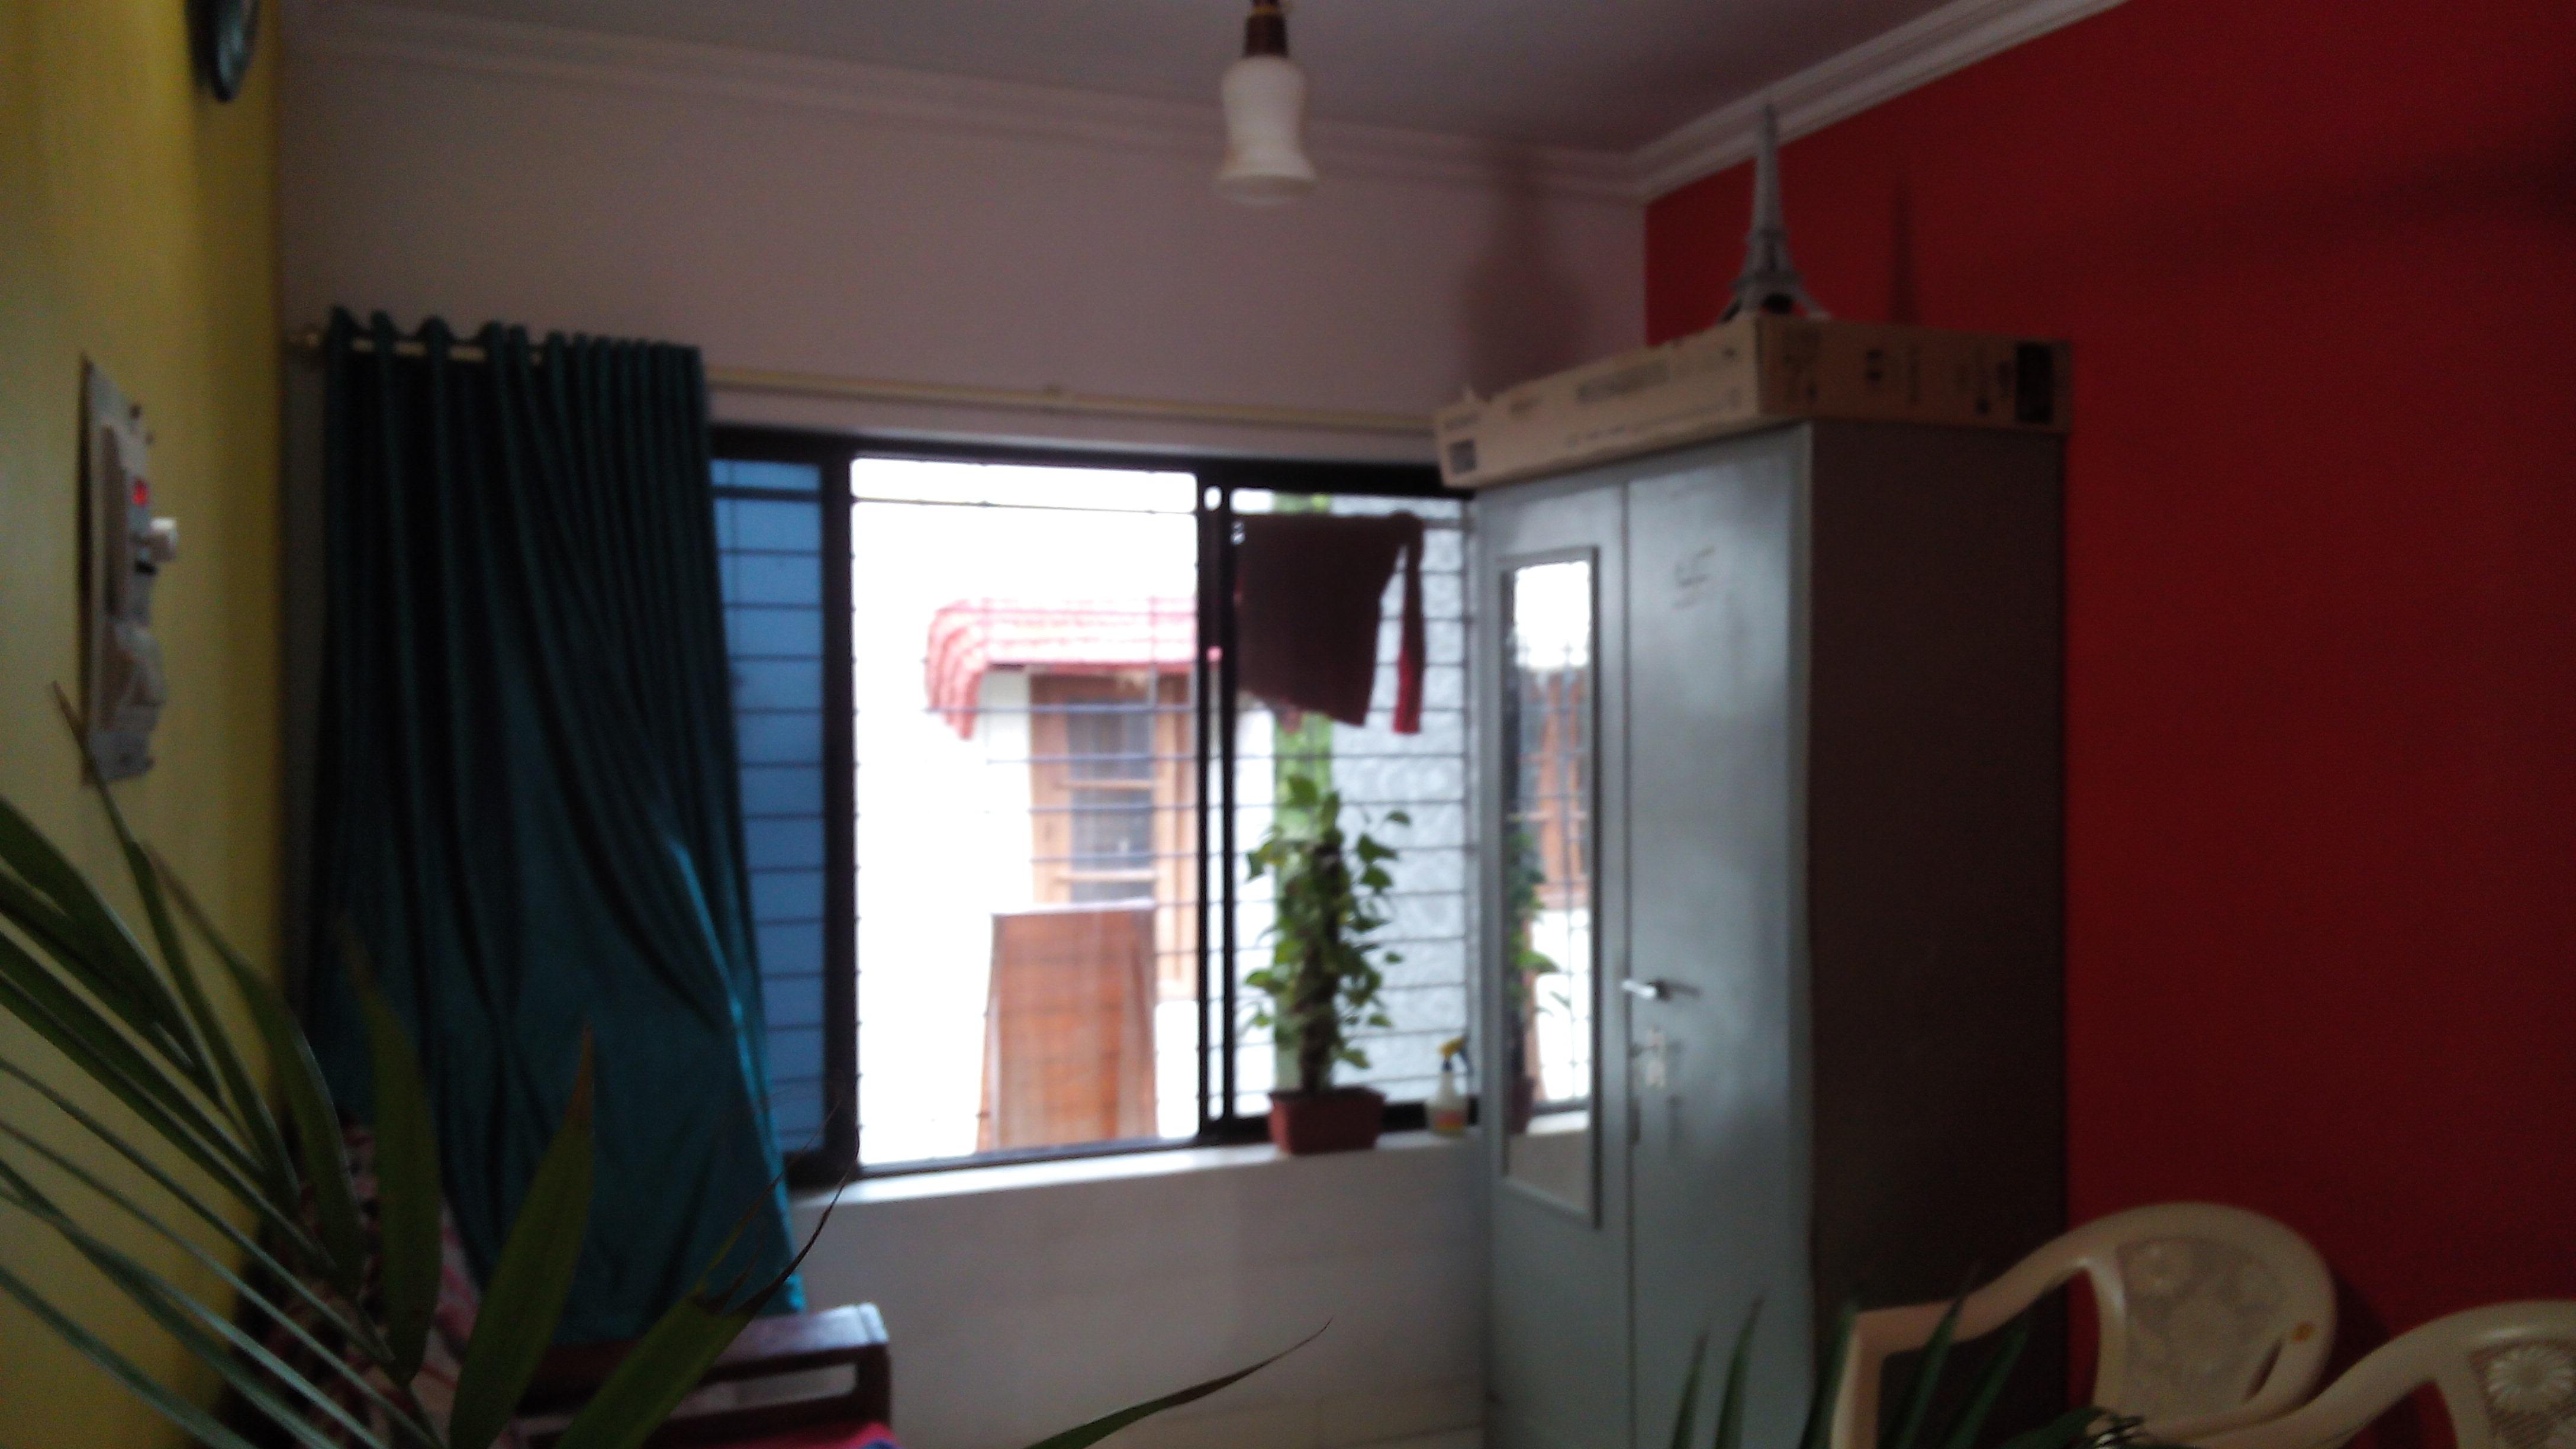 Residential Multistorey Apartment for Sale in Sapt Sagar Manvel Pada Chandan Sar Road Virar East., Virar-West, Mumbai